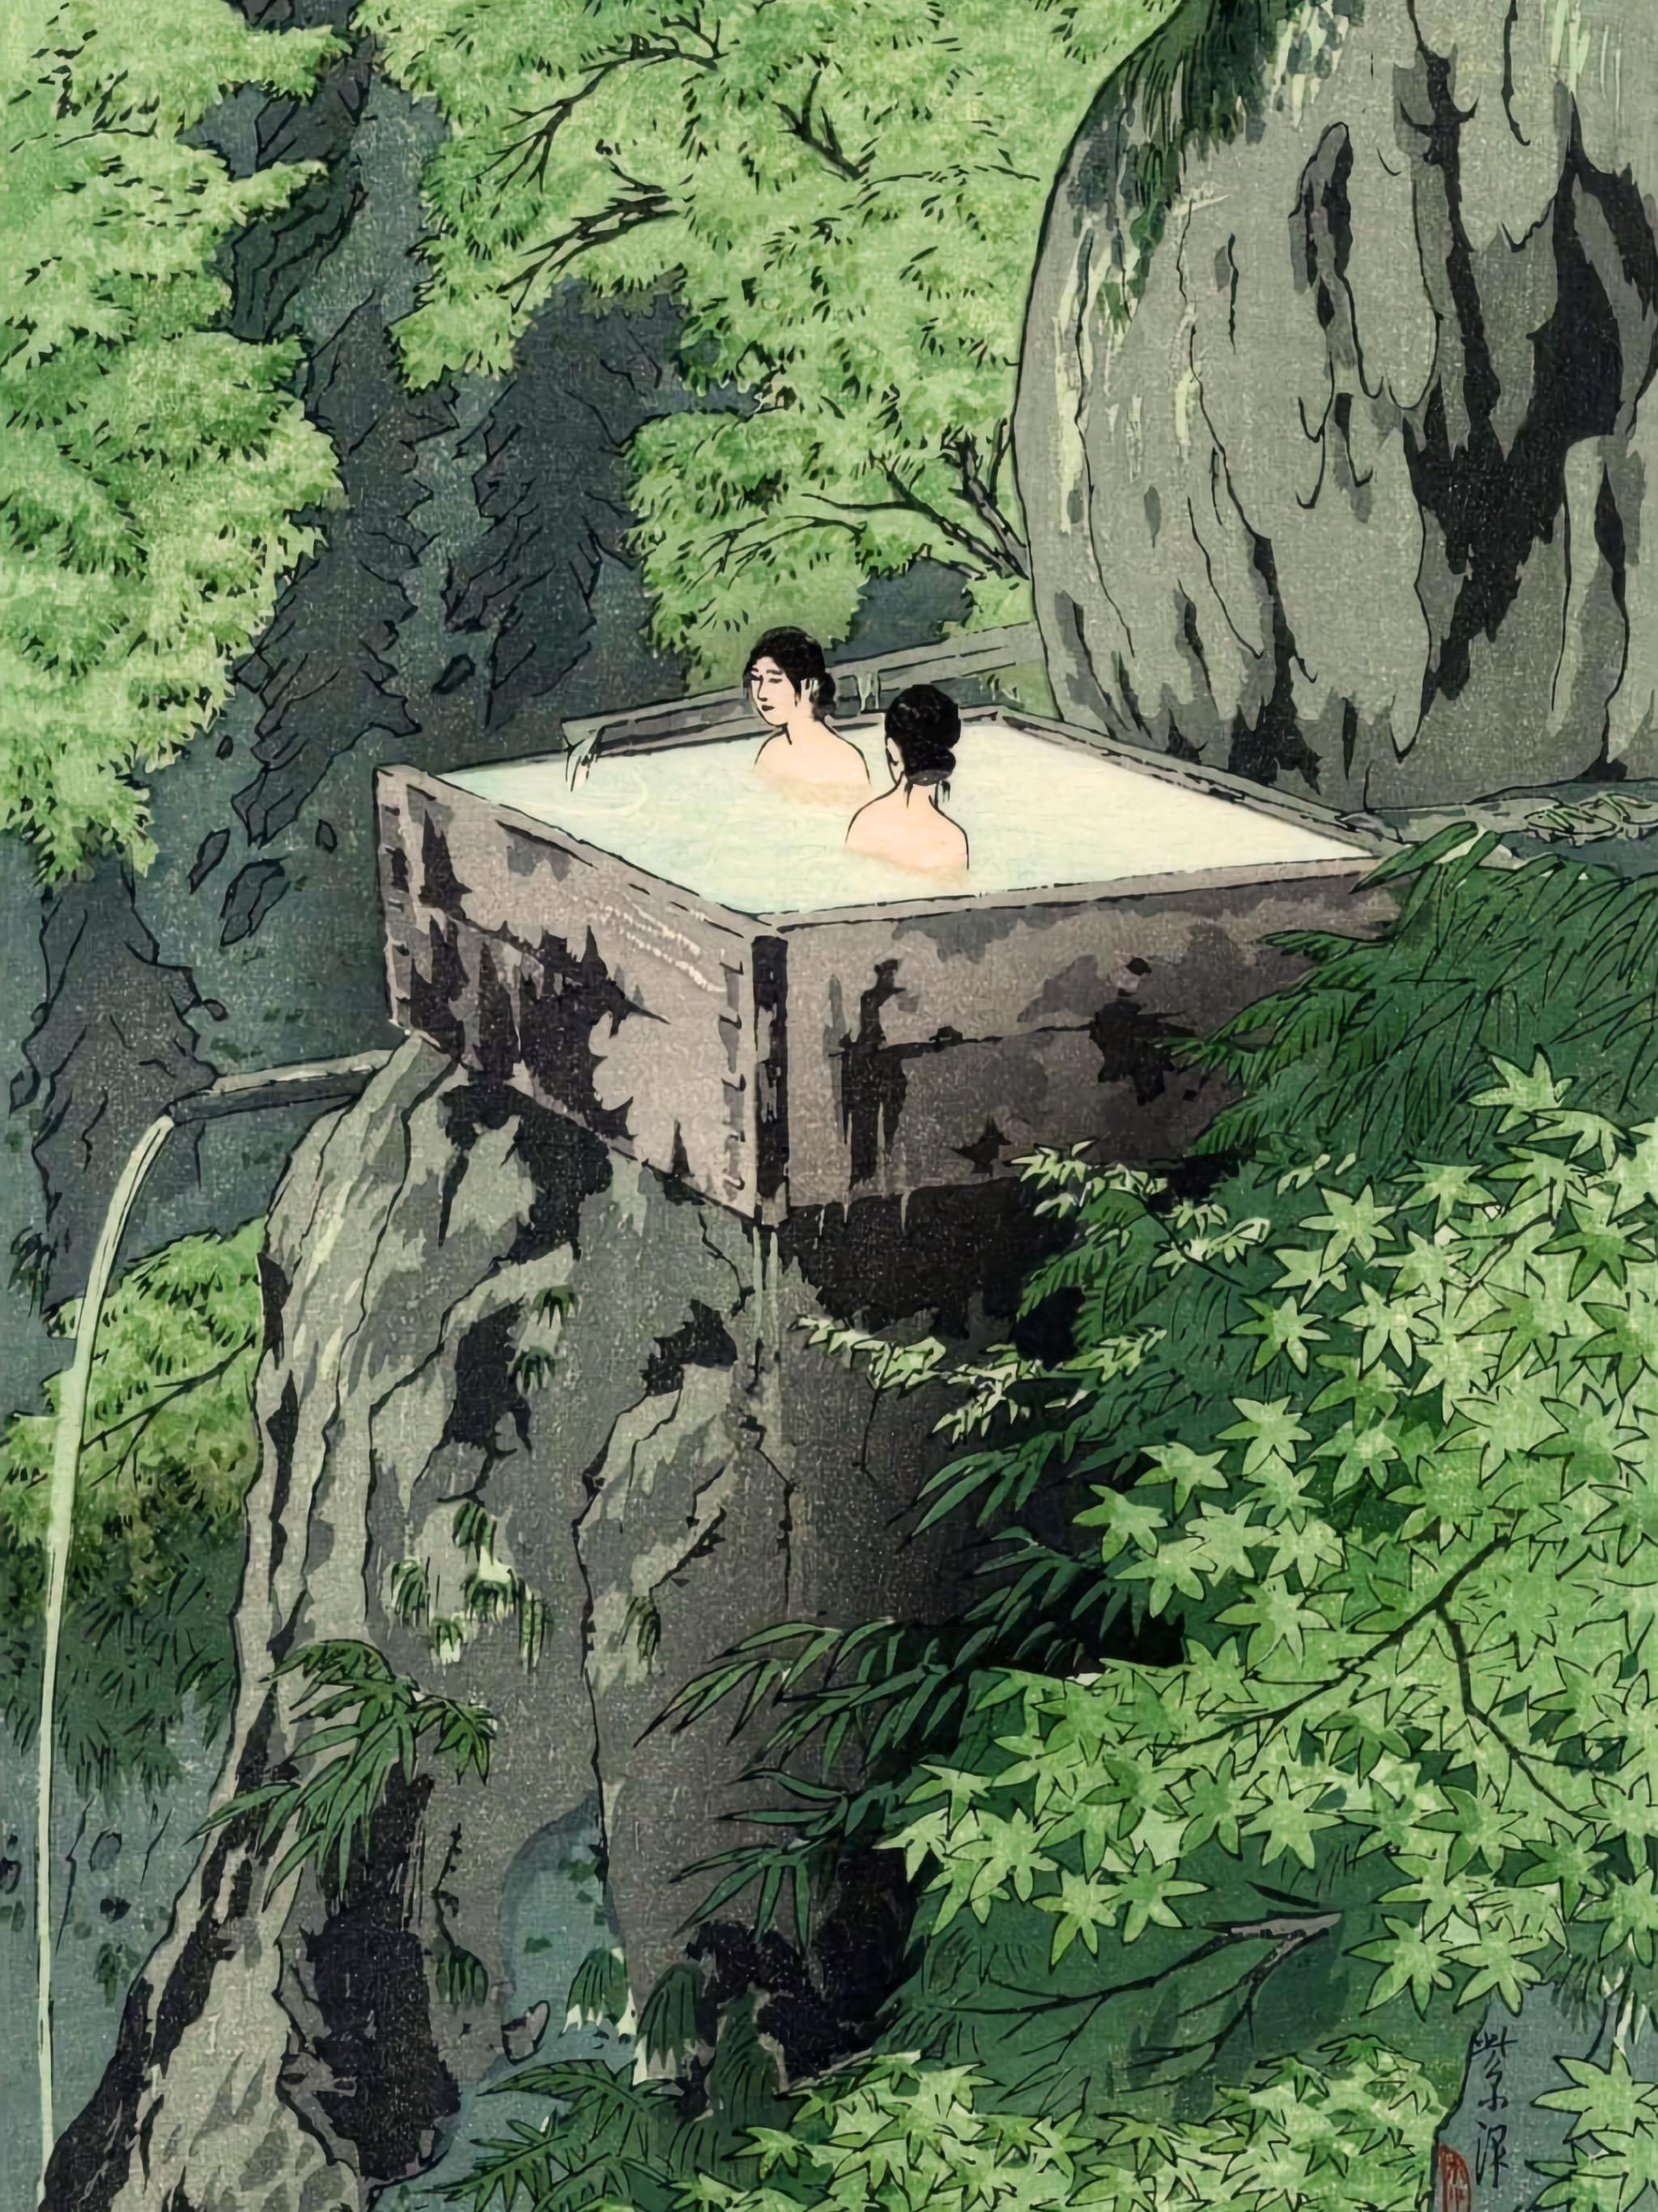 笠松紫浪 信州白骨温泉 Kasamatsu Shiro - Shinshu shirahone onsen 2048x2732